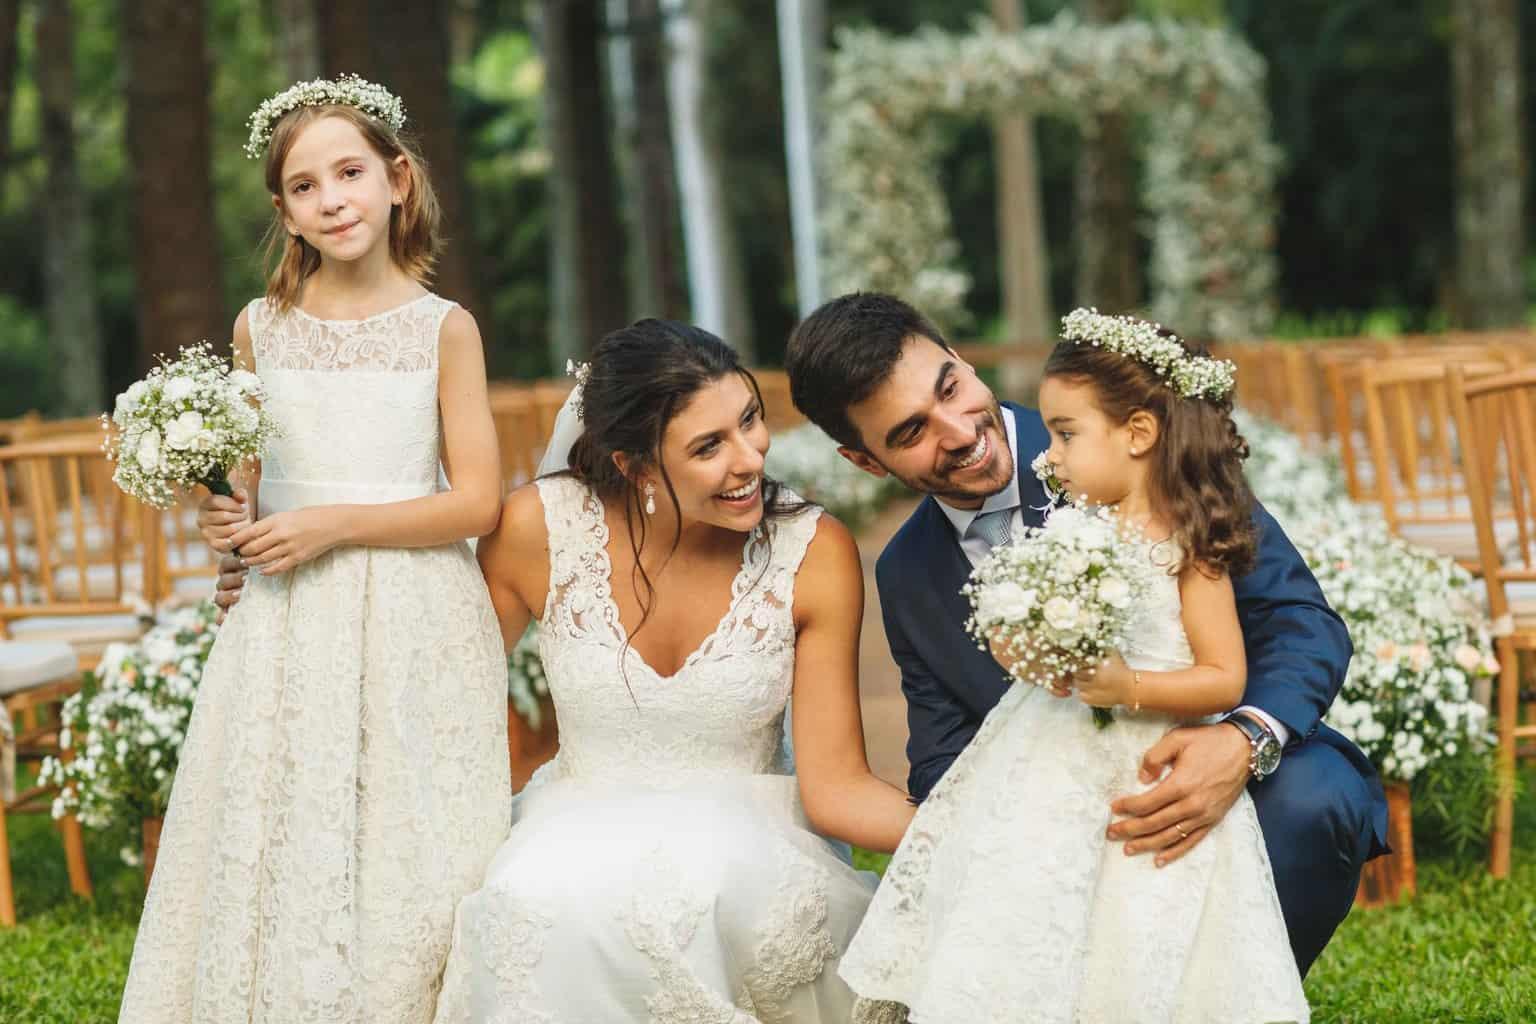 casamento-na-Fazenda-Vila-Rica-cerimonia-ao-ar-livre-cerimonial-Ana-Paula-Tabet-Fotografia-Euka-Weddings-Renata-e-Gabriel102